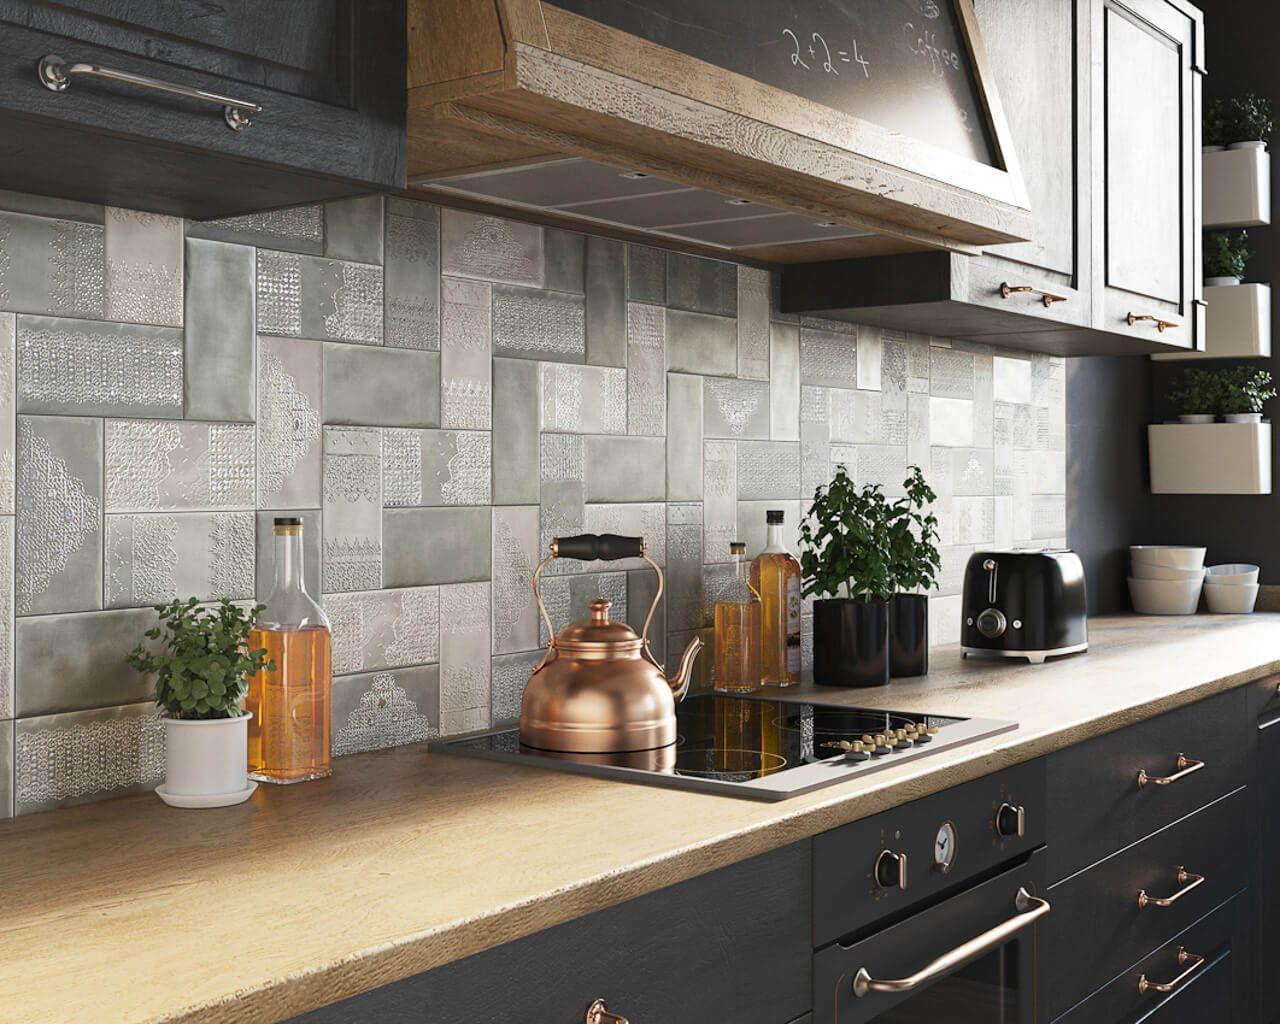 Full Size of Küchenwand Feine Kermaikspitzen An Der Kchenwand Ceramika Paradyz Wohnzimmer Küchenwand